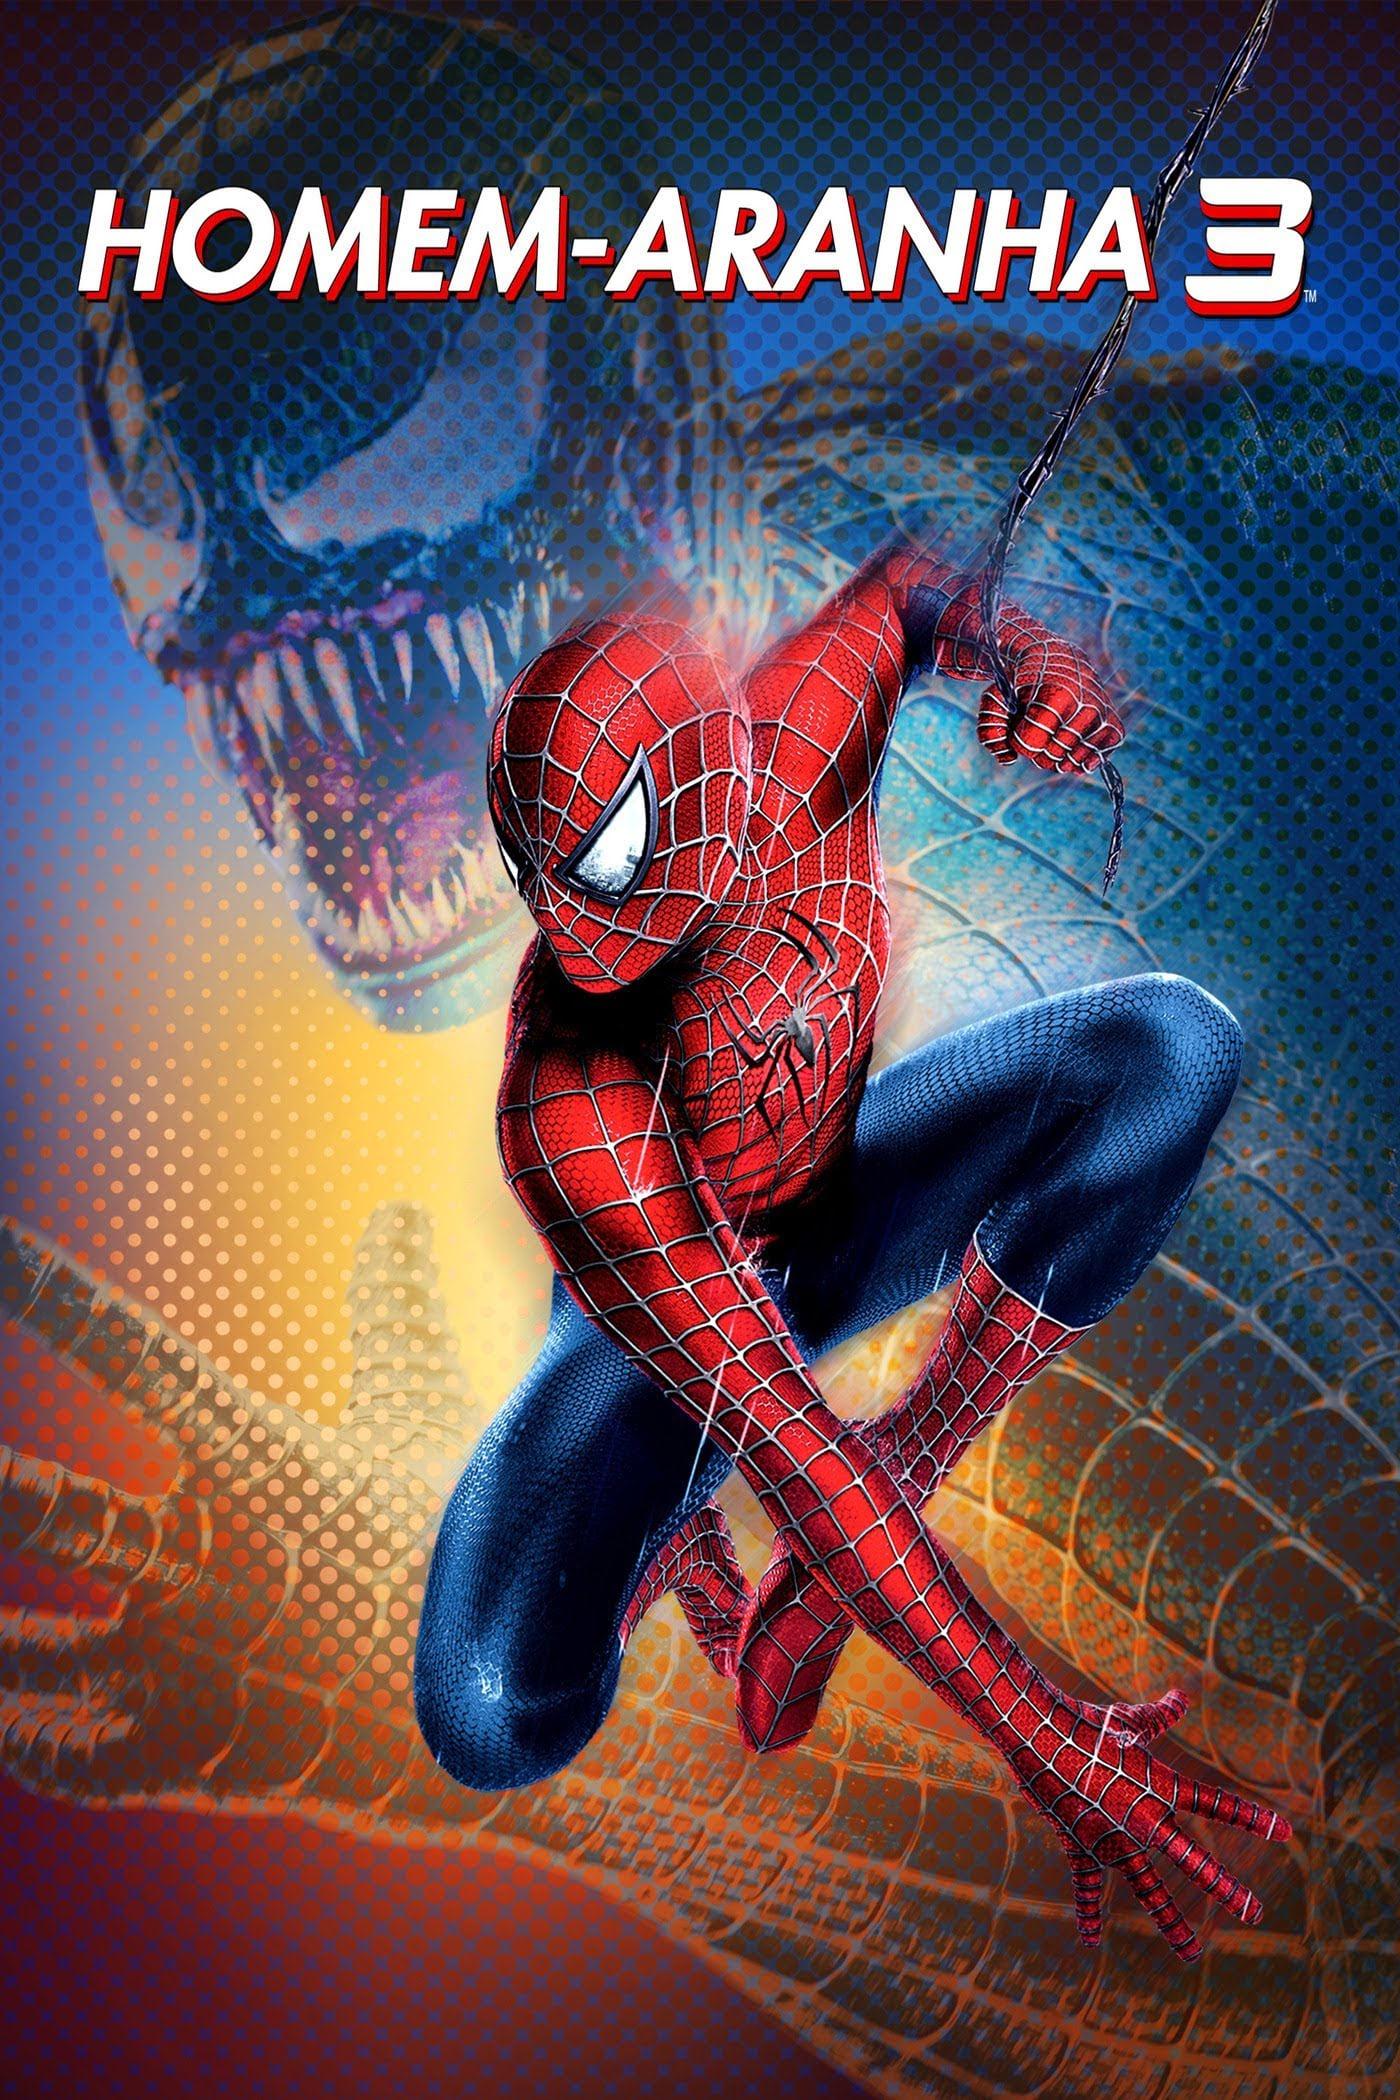 Homem-Aranha 3 Dublado